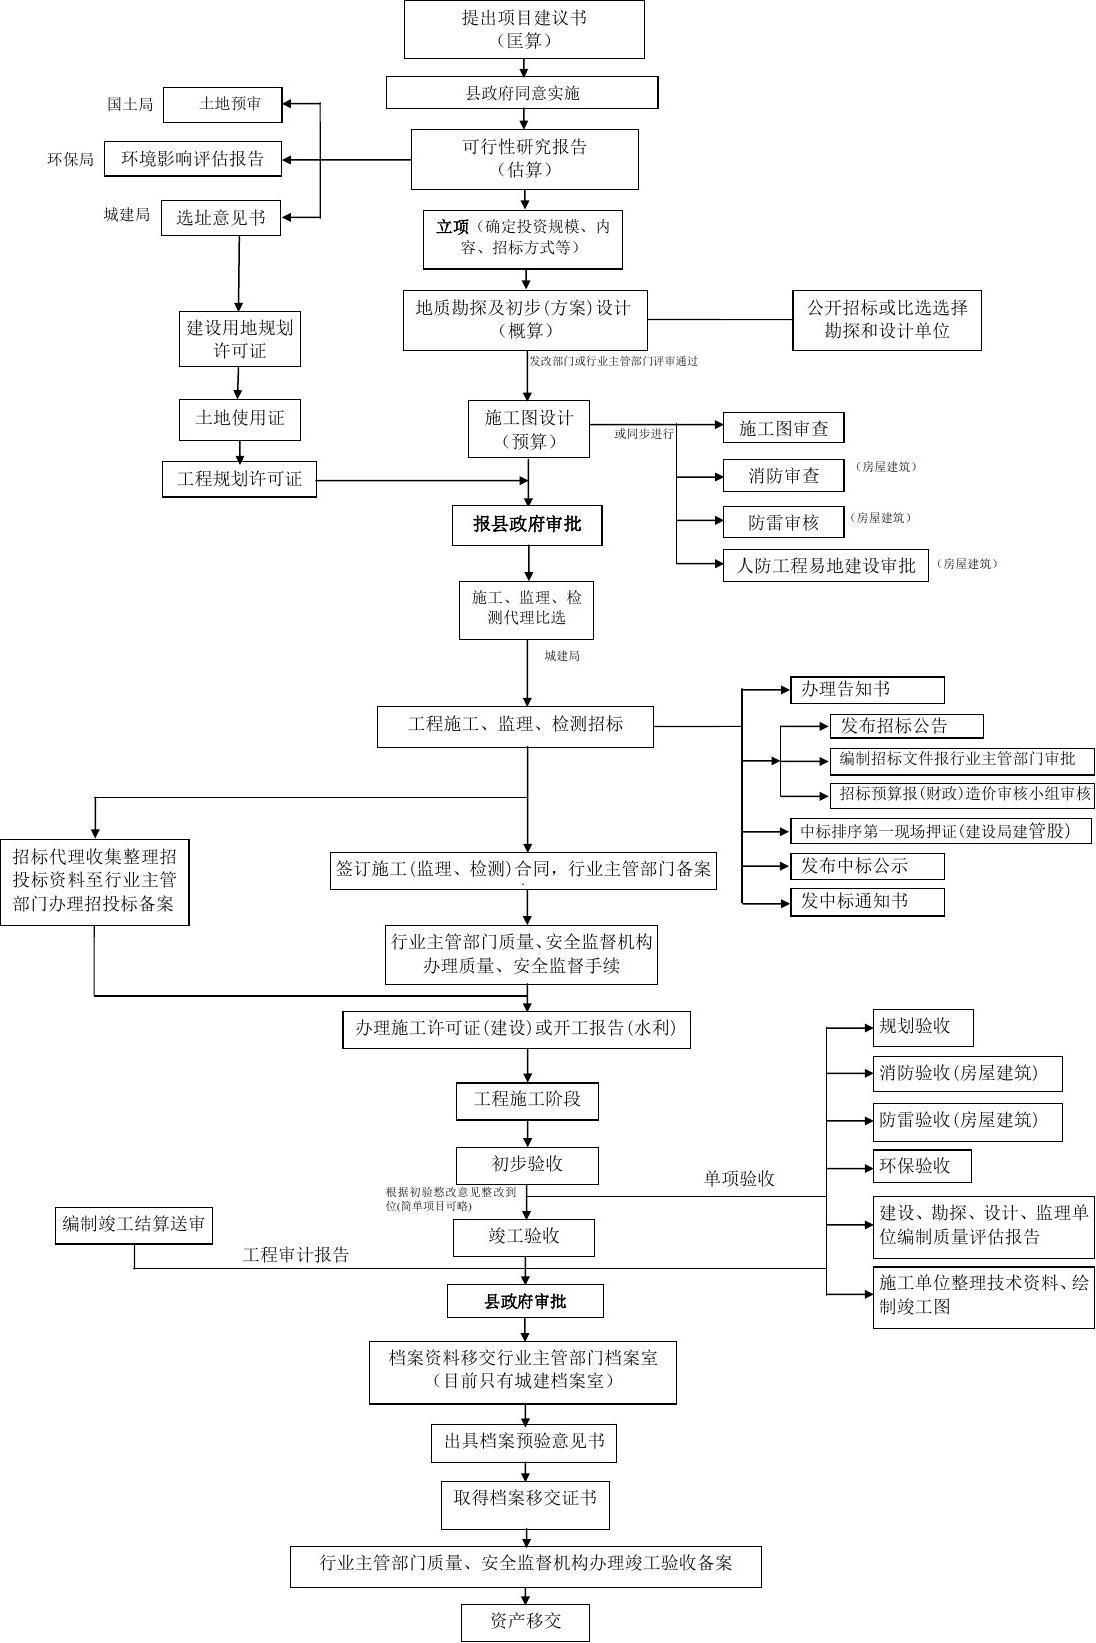 工程项目建设基本程序流程图图片